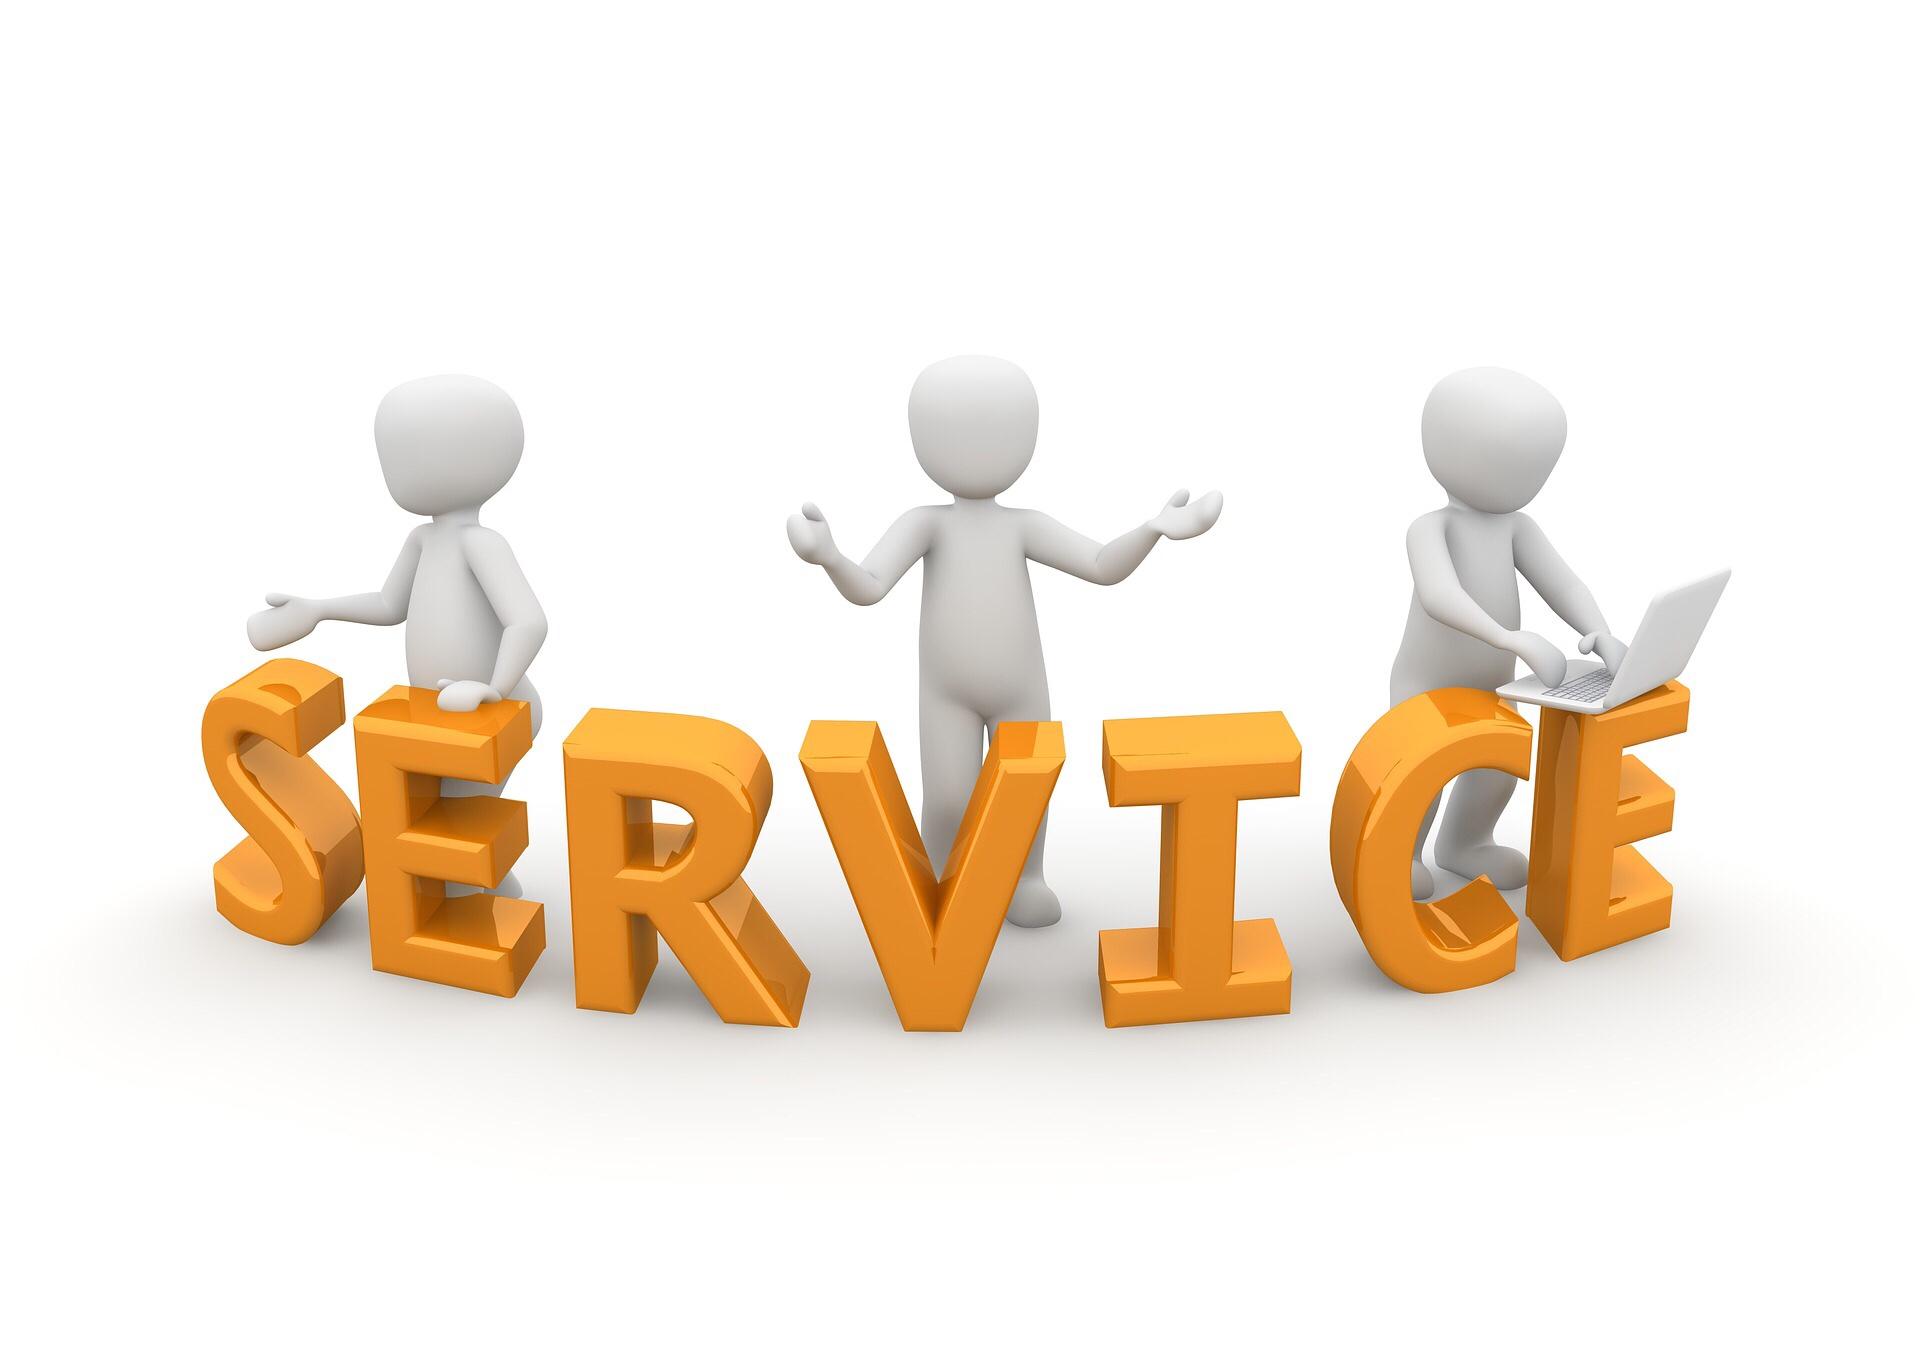 Gibt es wirklich keine Suchdienstleistungen?